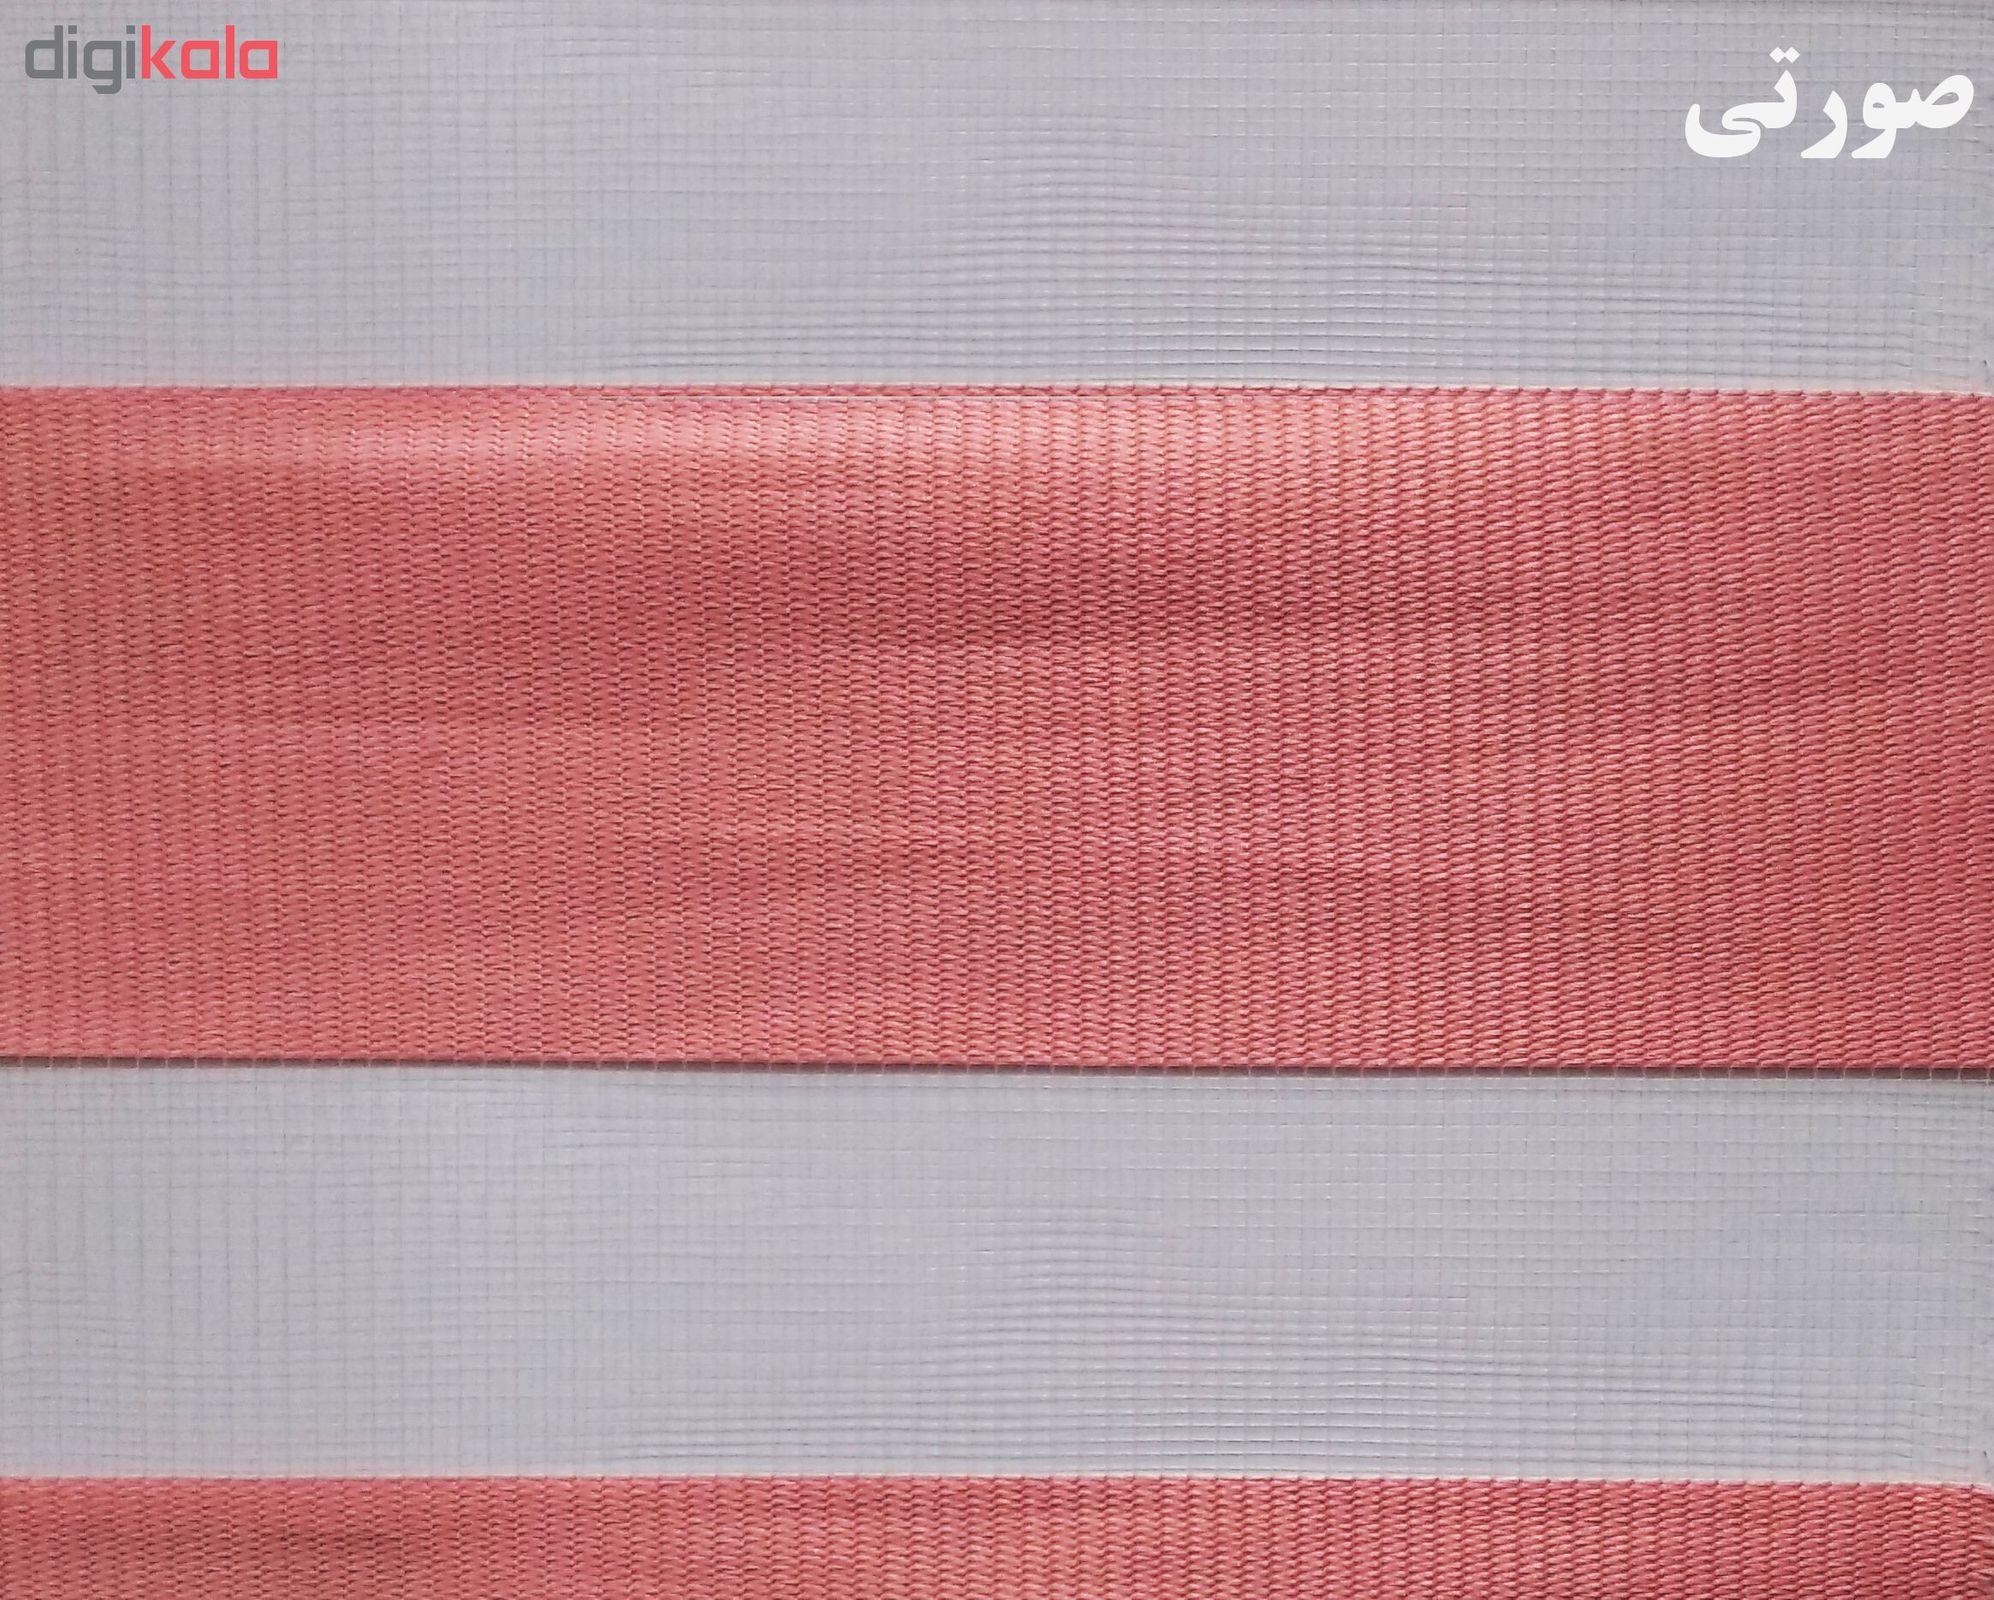 پرده زبرا زیو کد 1999 سایز 0 × 0 سانتی متر